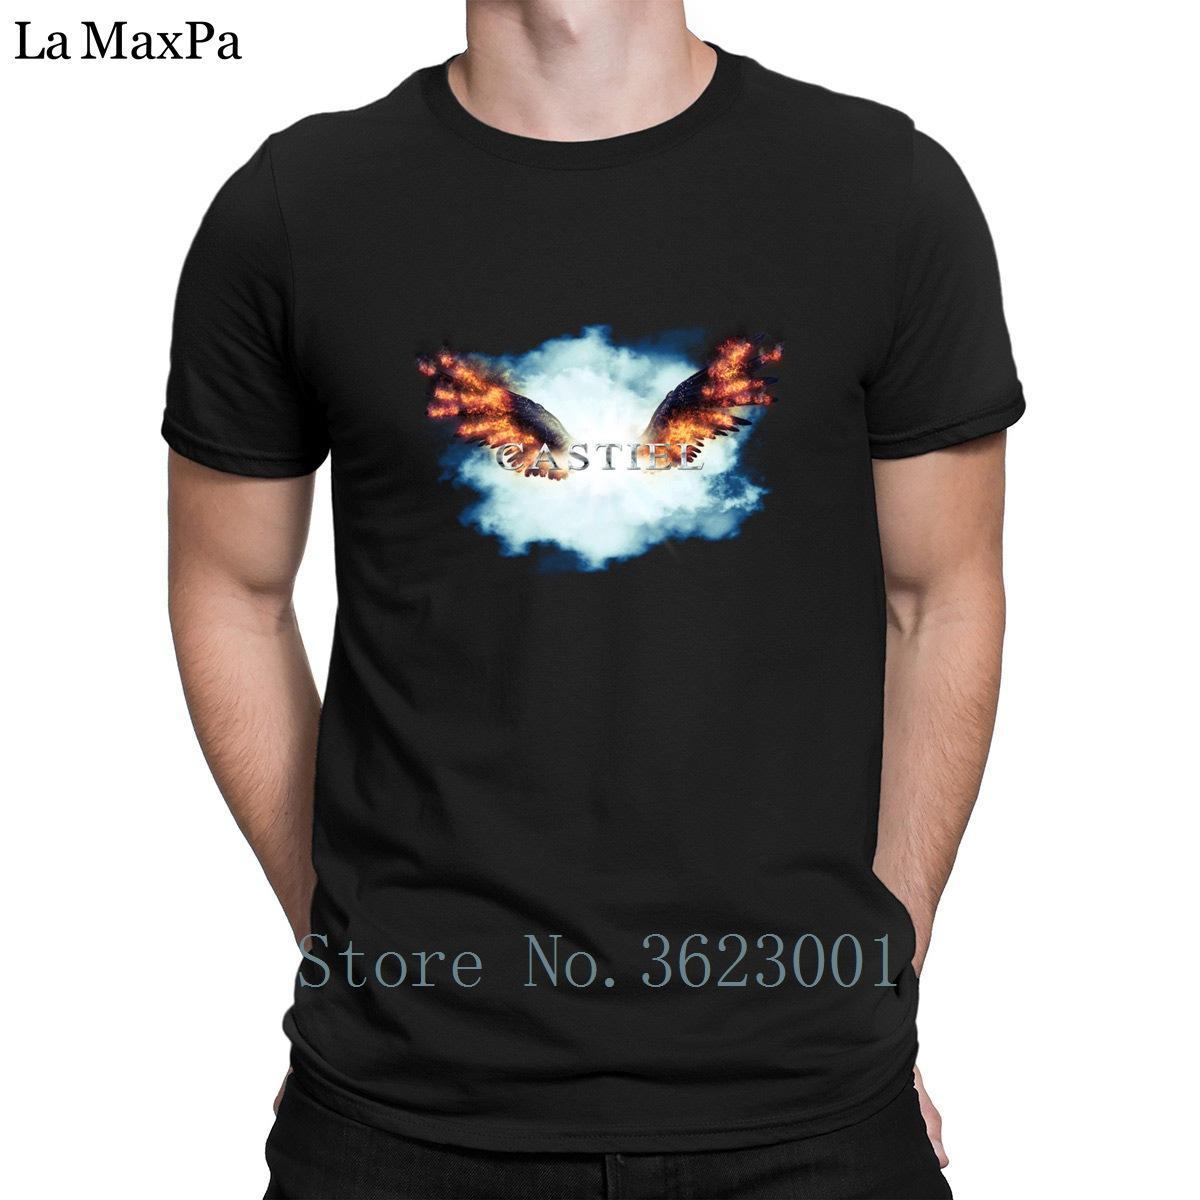 Özelleştirme Yeni Stil Tişört Castiel İniş Tee Gömlek Kostüm Kırışıklık Karşıtı Tişörtü İçin Erkekler Pamuk Erkekler Tişörtlü Garip Doğal